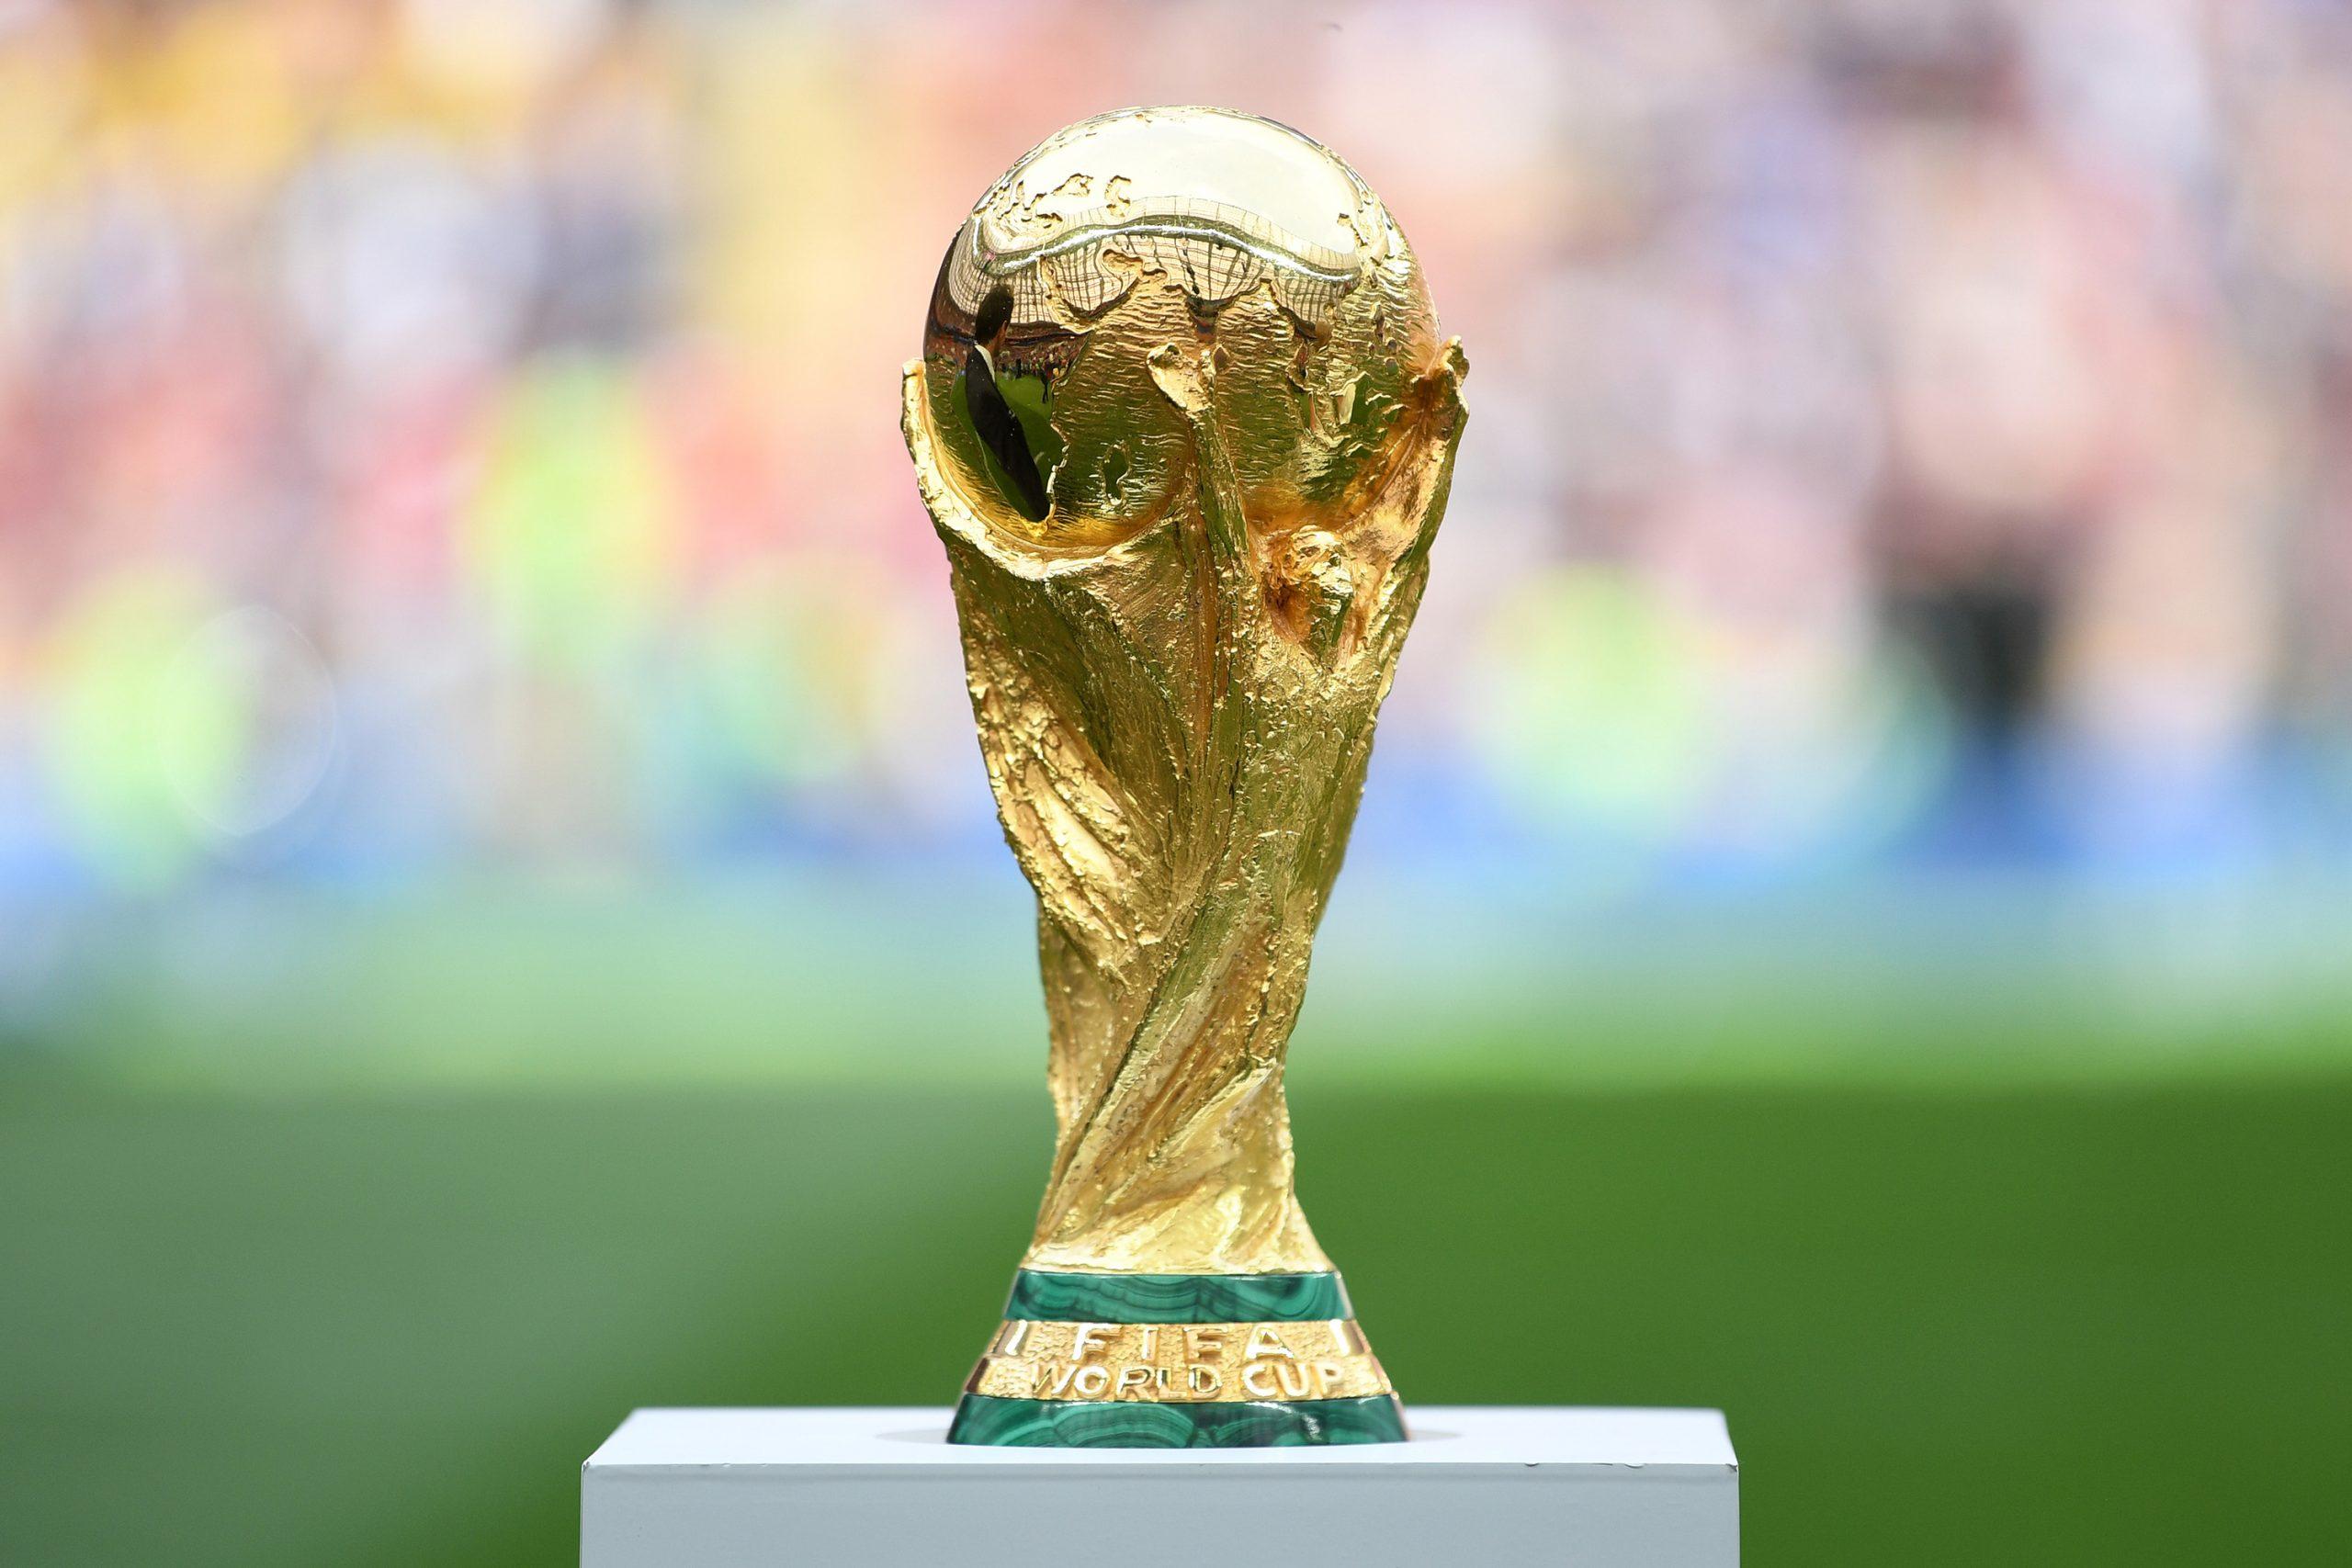 Globo tenta se esquivar de dívida de R$ 478 milhões com a FIFA na Justiça; entidade recorre